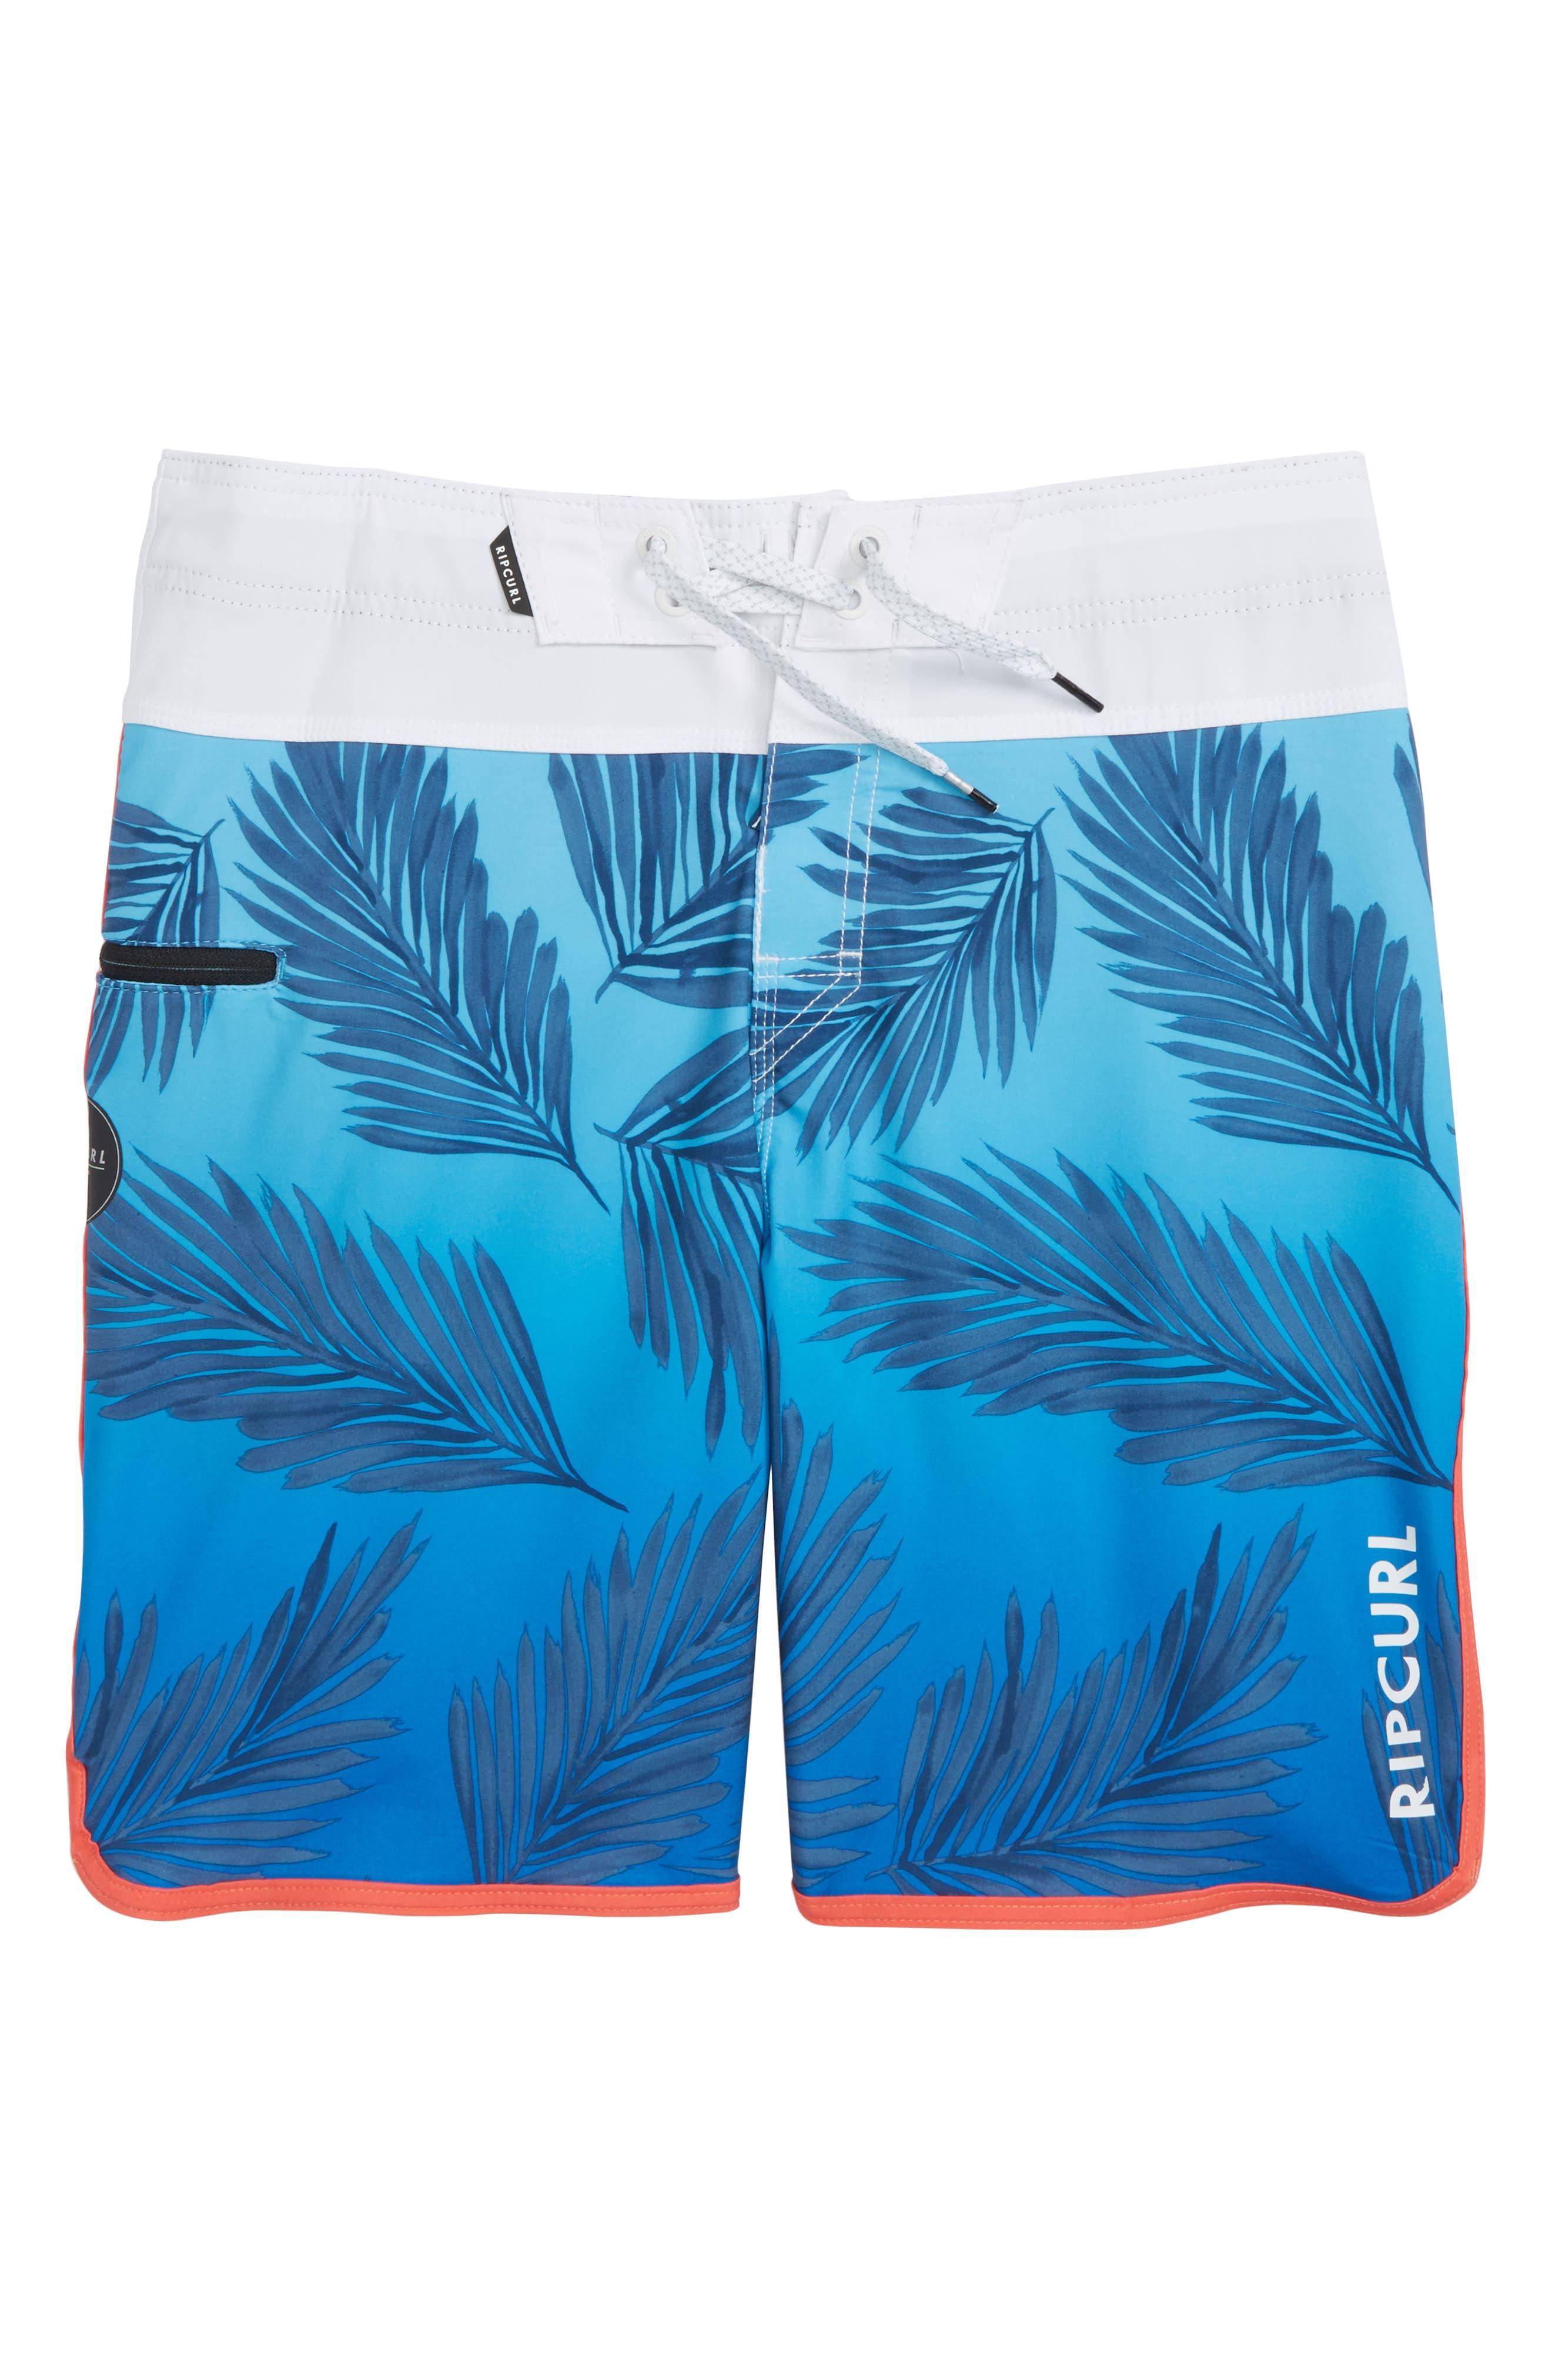 Mirage Mason Rockies Board Shorts,                             Main thumbnail 1, color,                             400